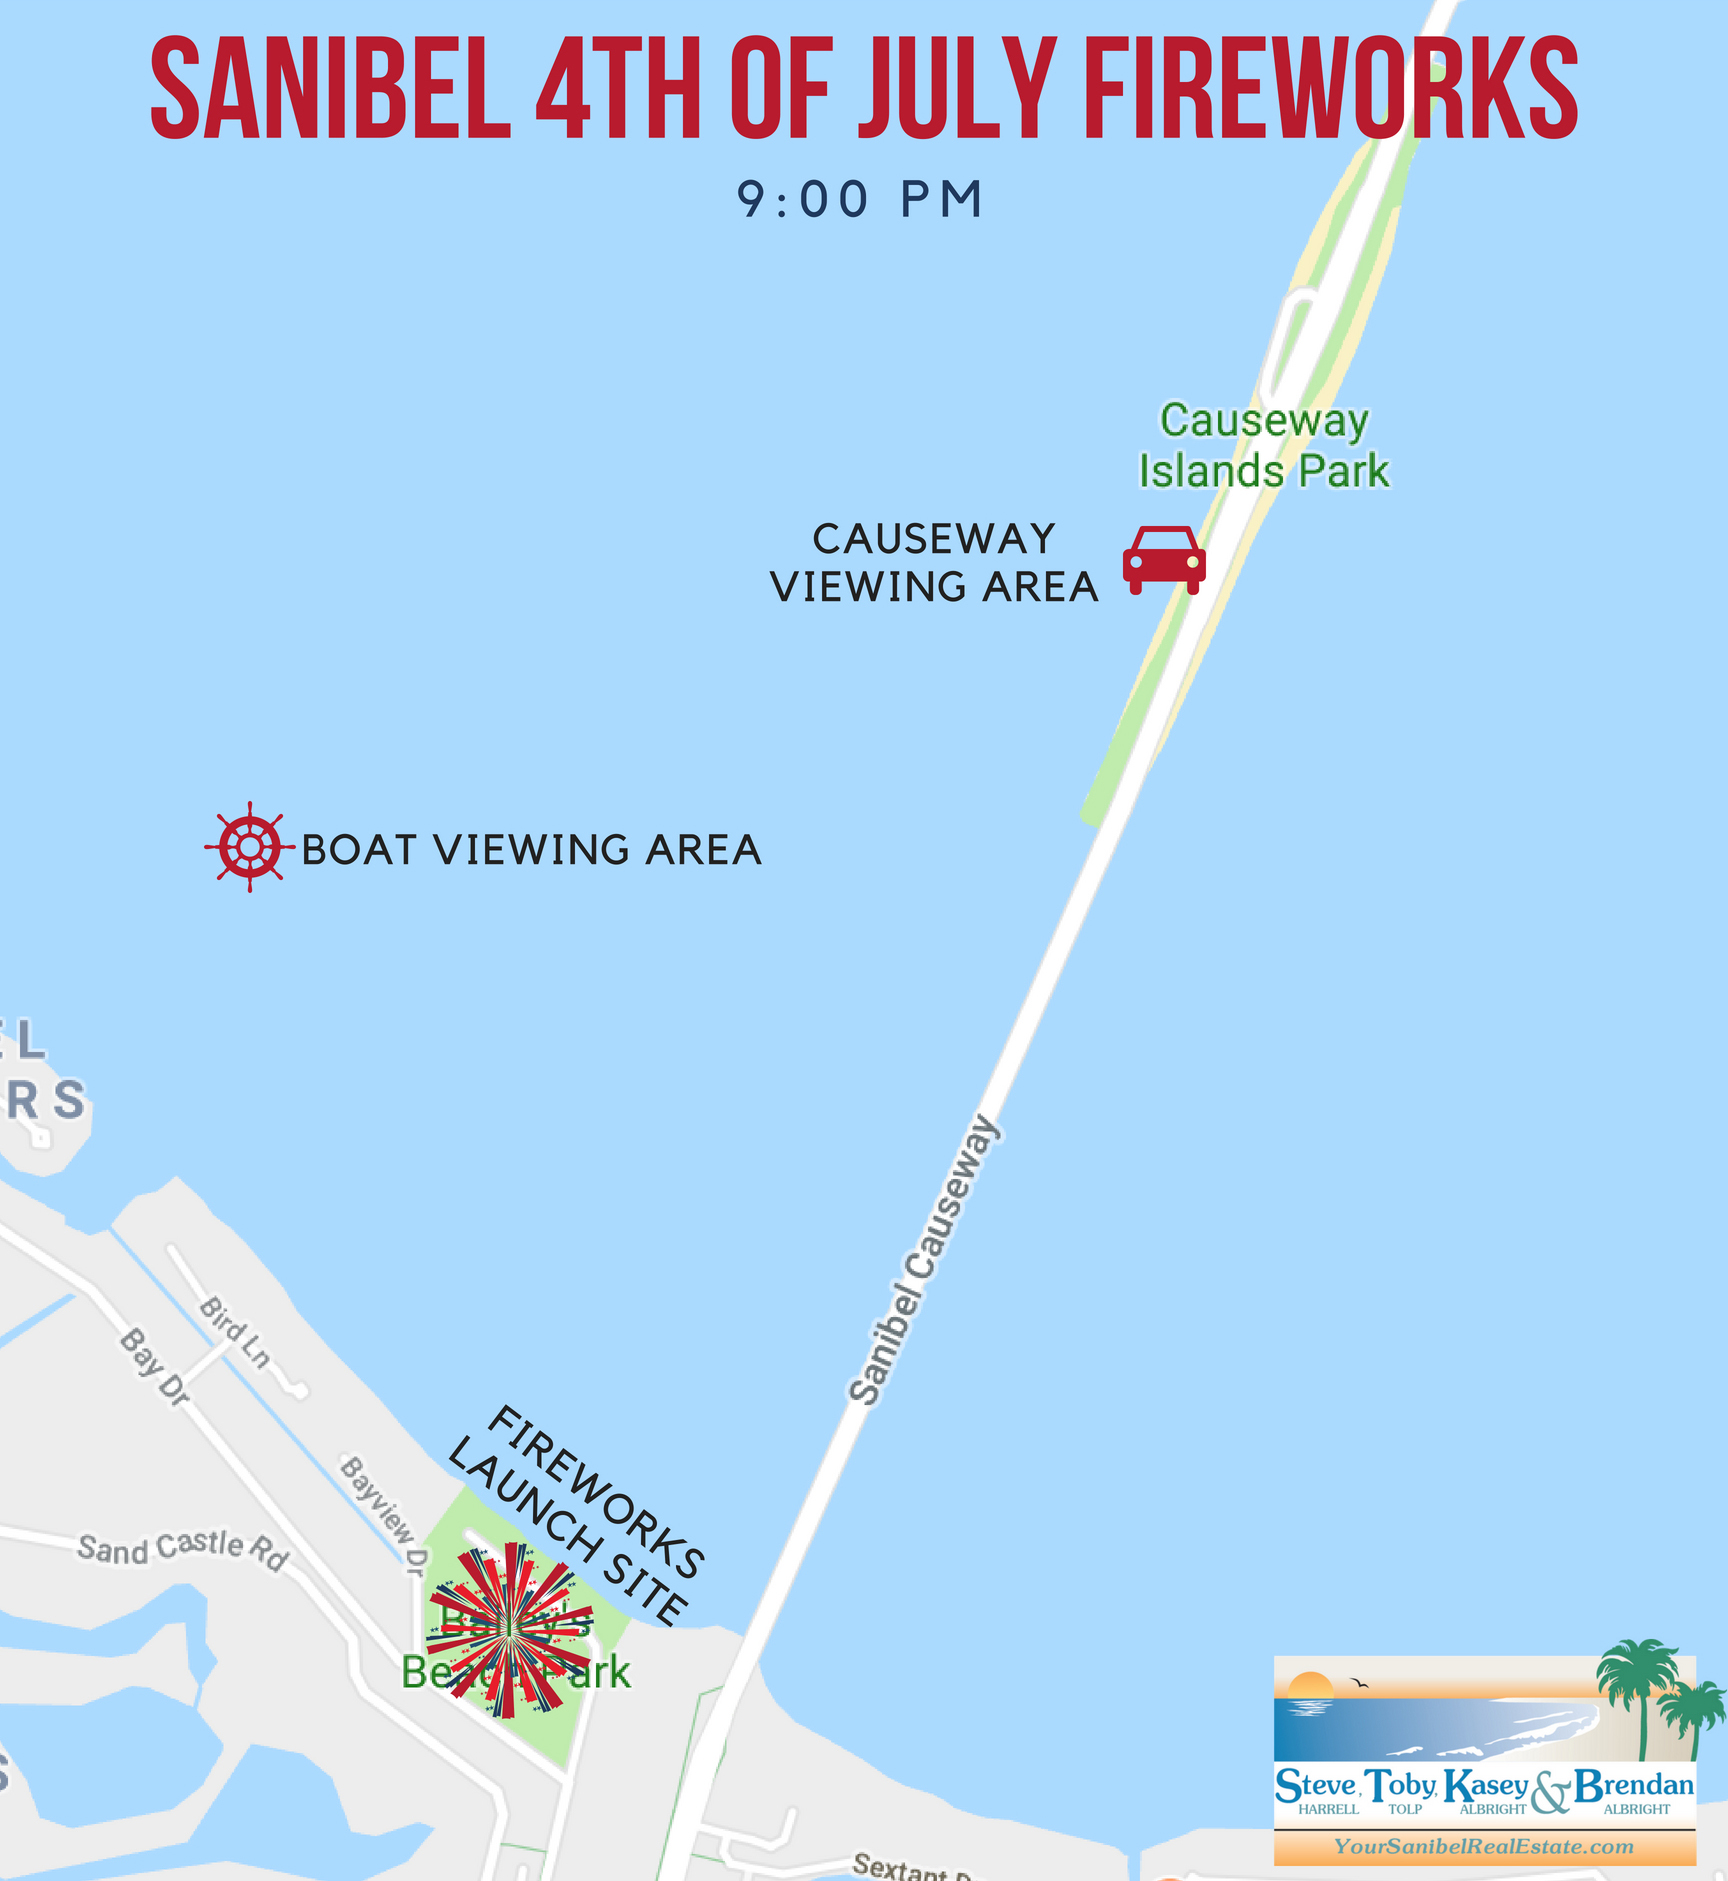 sanibel_4th_of_july_fireworks